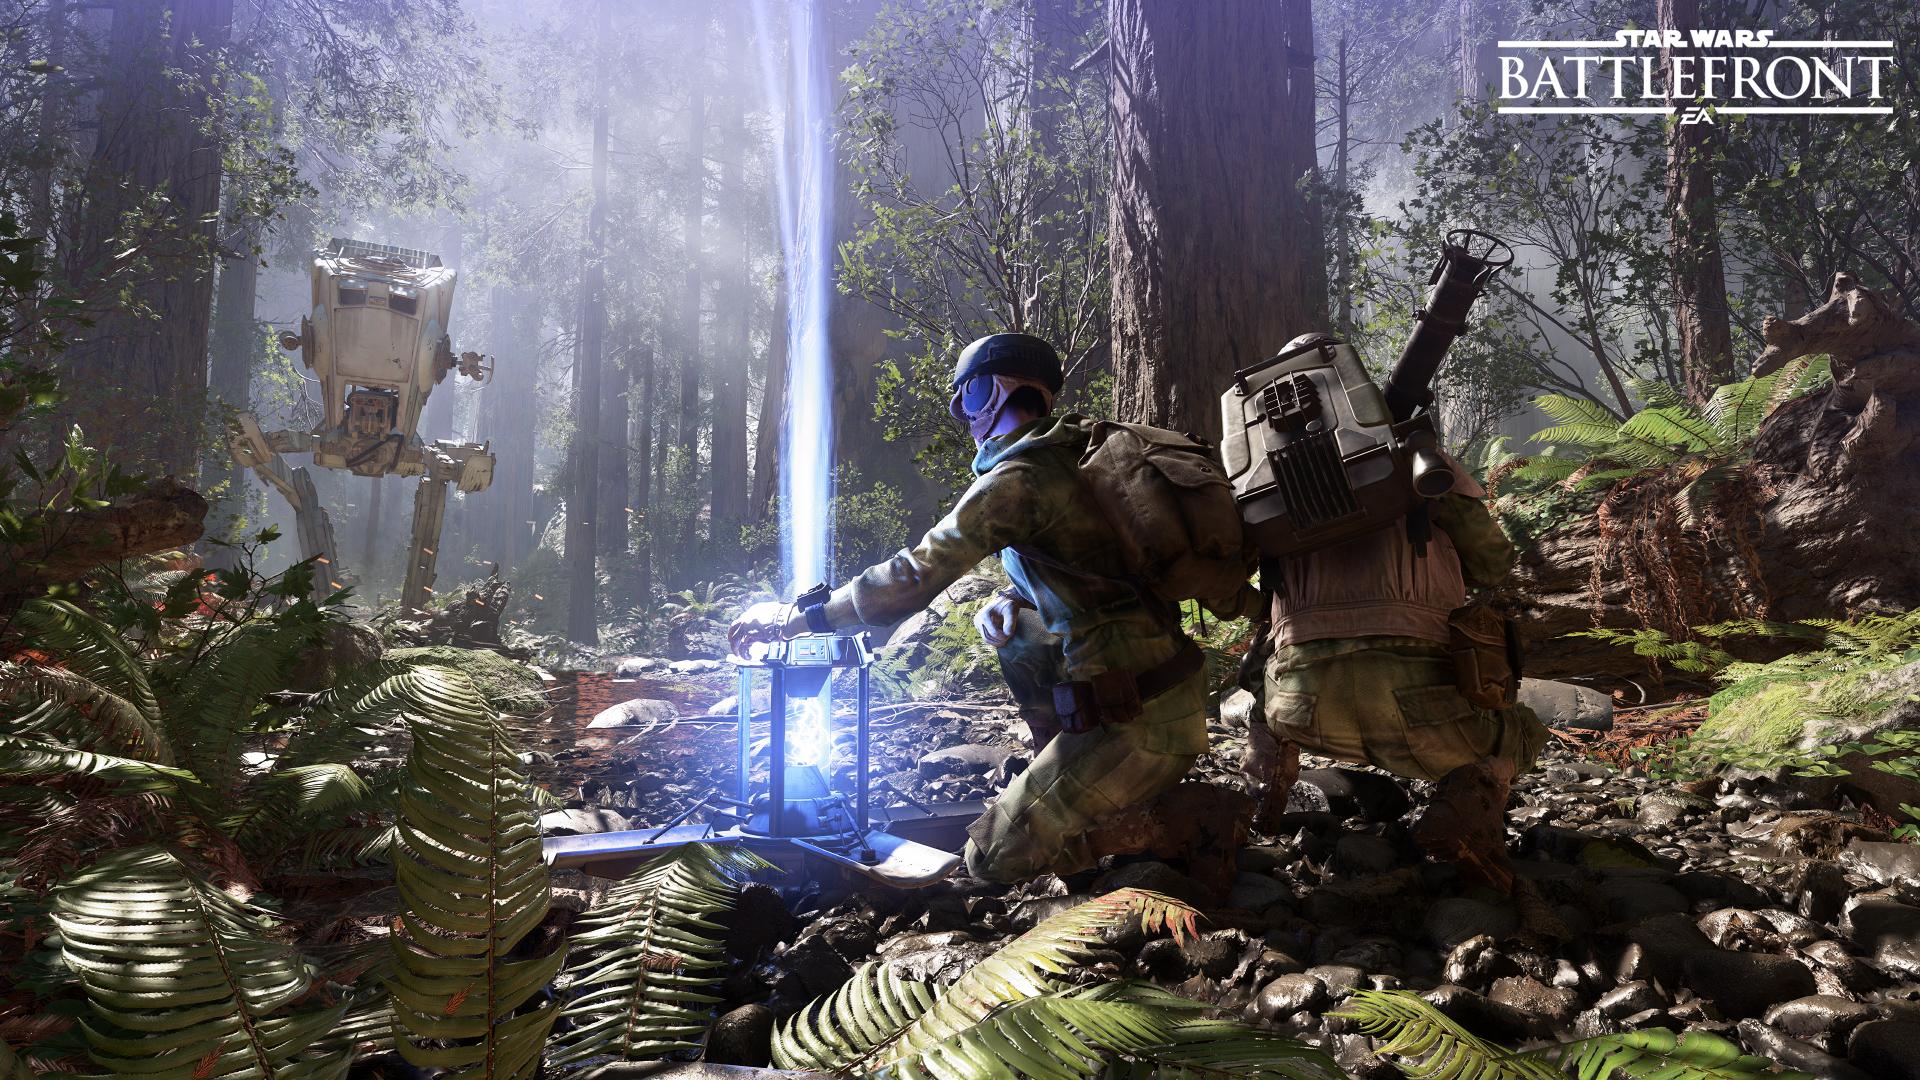 Por si no se dieron cuenta Star Wars: Battlefront ahora tiene un modo escaramuza offline